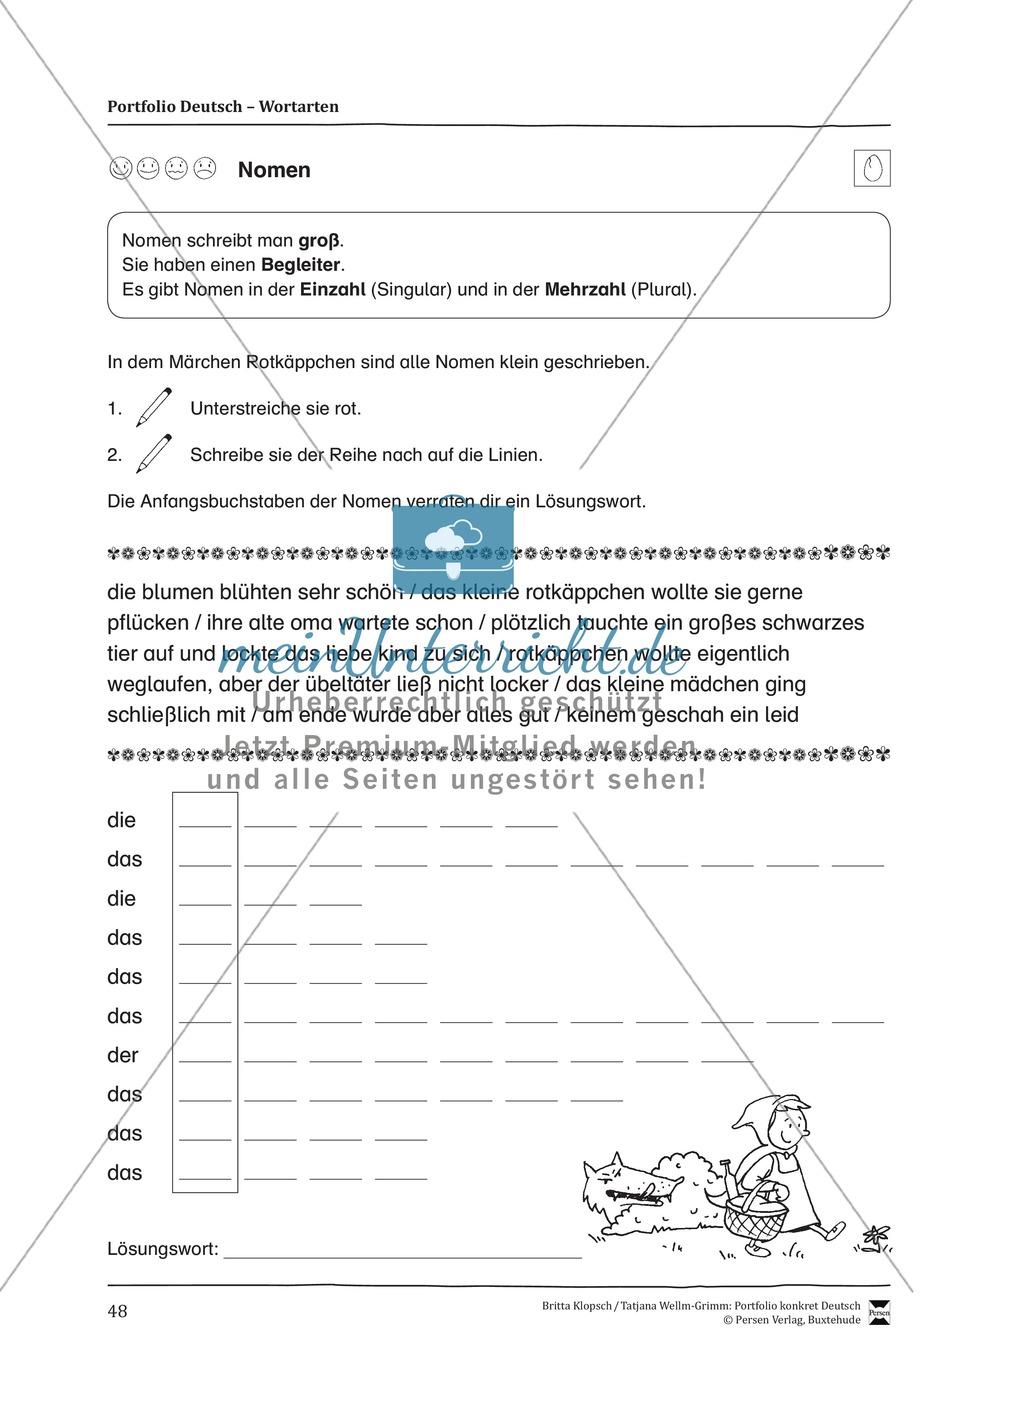 Kopiervorlagen für den Themenbereich Wortarten Preview 5